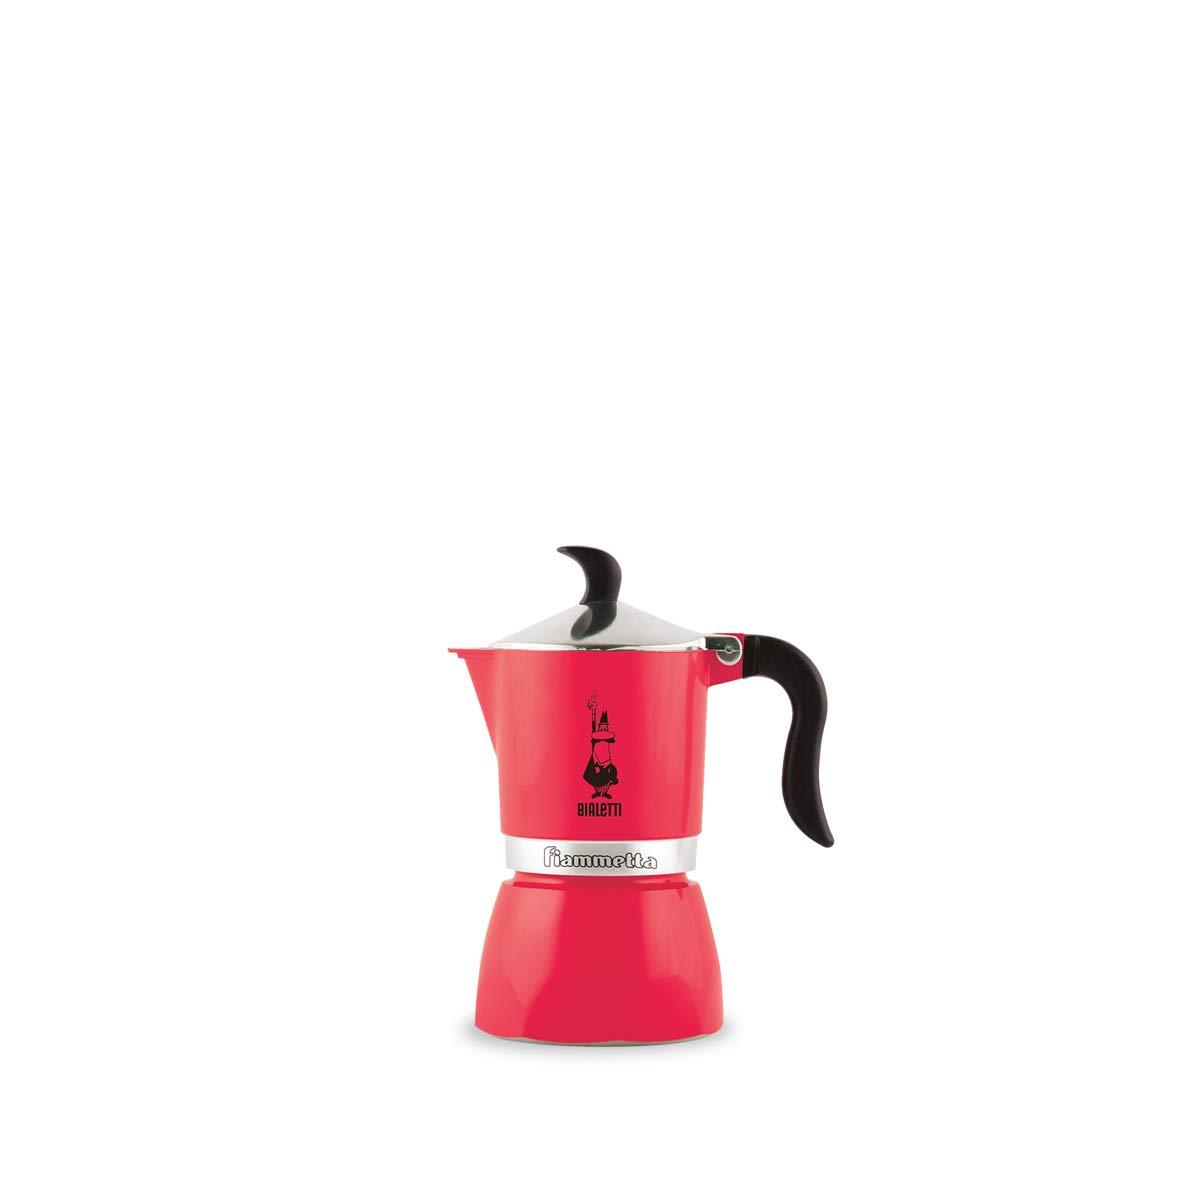 Bialetti Fiammetta, cafetera de aluminio color fresa fluo, 1 taza: Amazon.es: Hogar